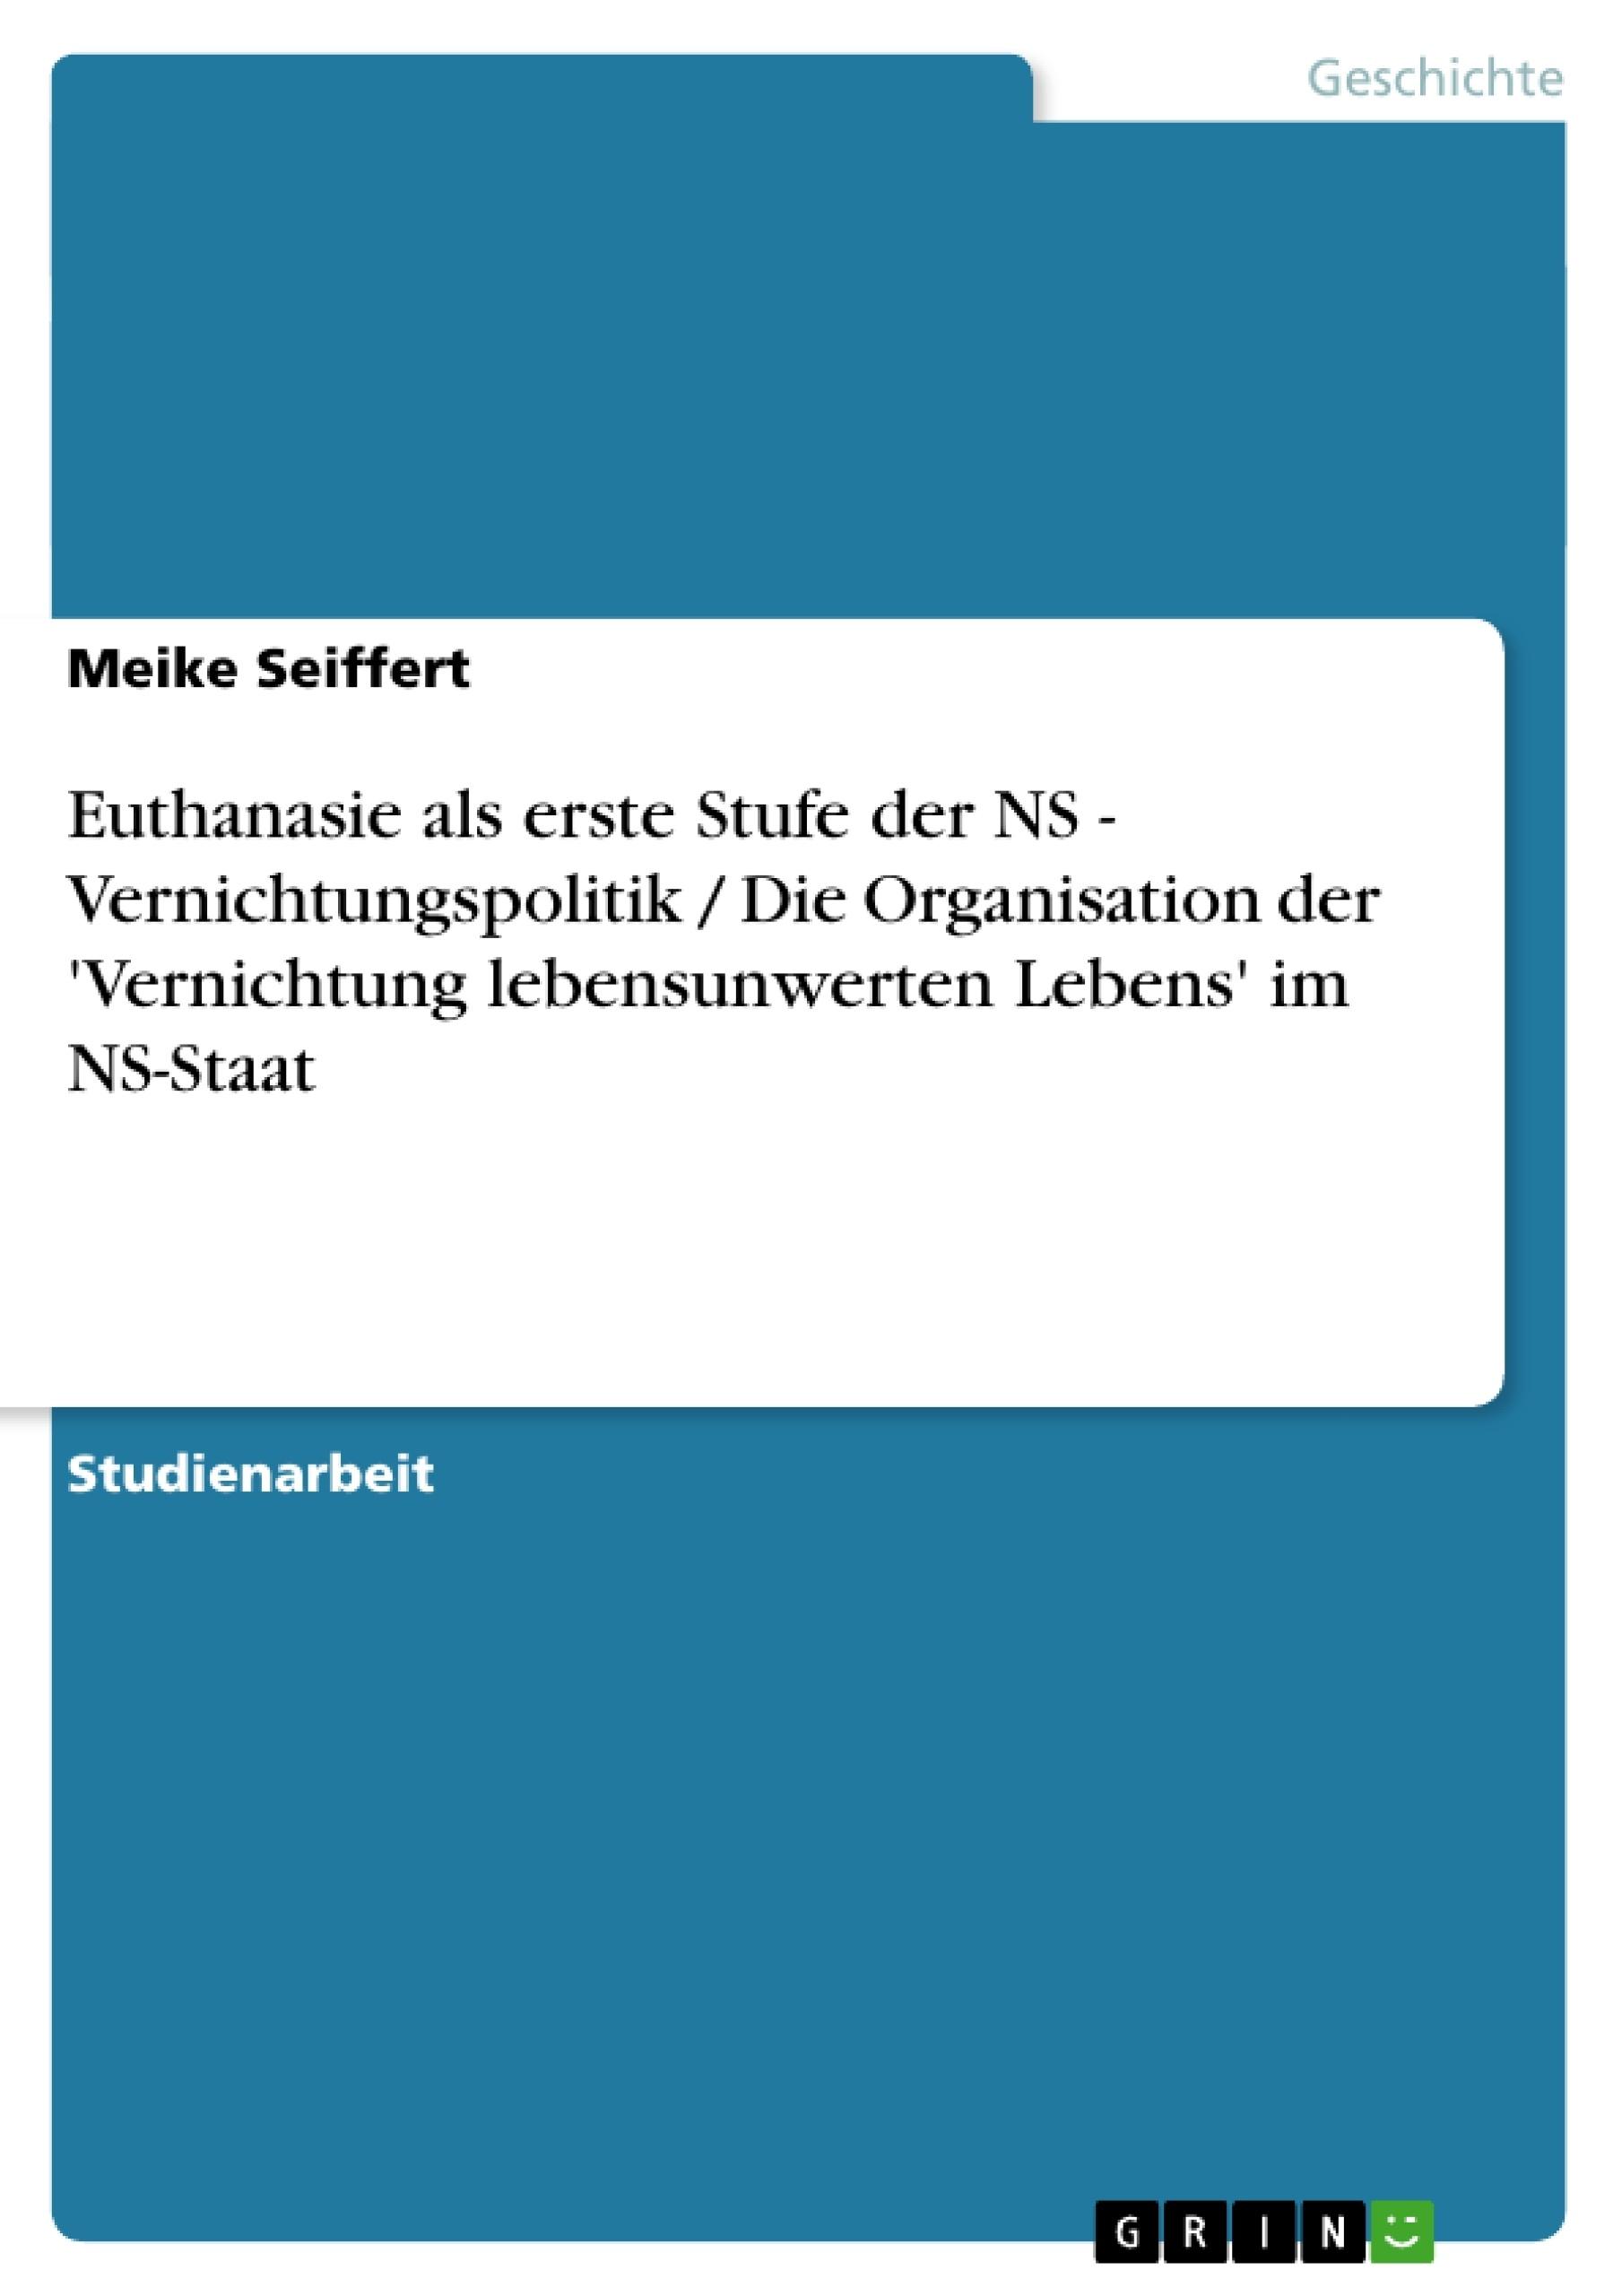 Titel: Euthanasie als erste Stufe der NS - Vernichtungspolitik / Die Organisation der 'Vernichtung lebensunwerten Lebens' im NS-Staat